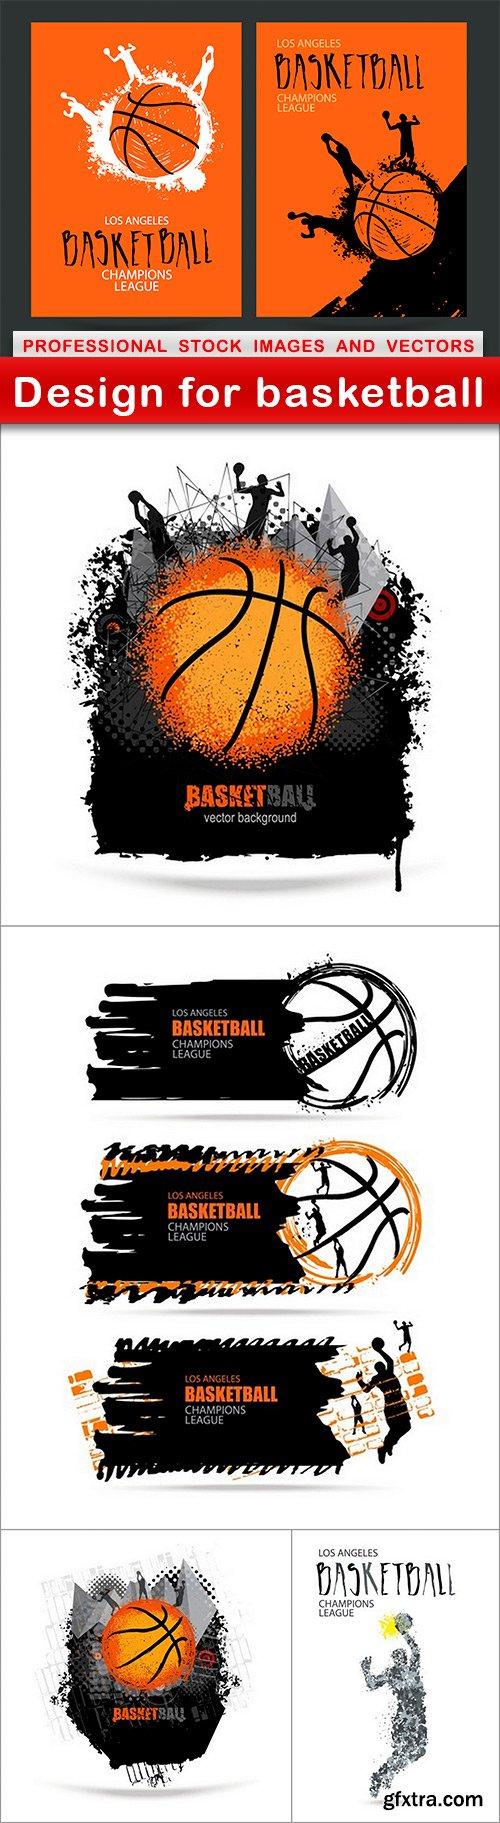 Design for basketball - 5 EPS